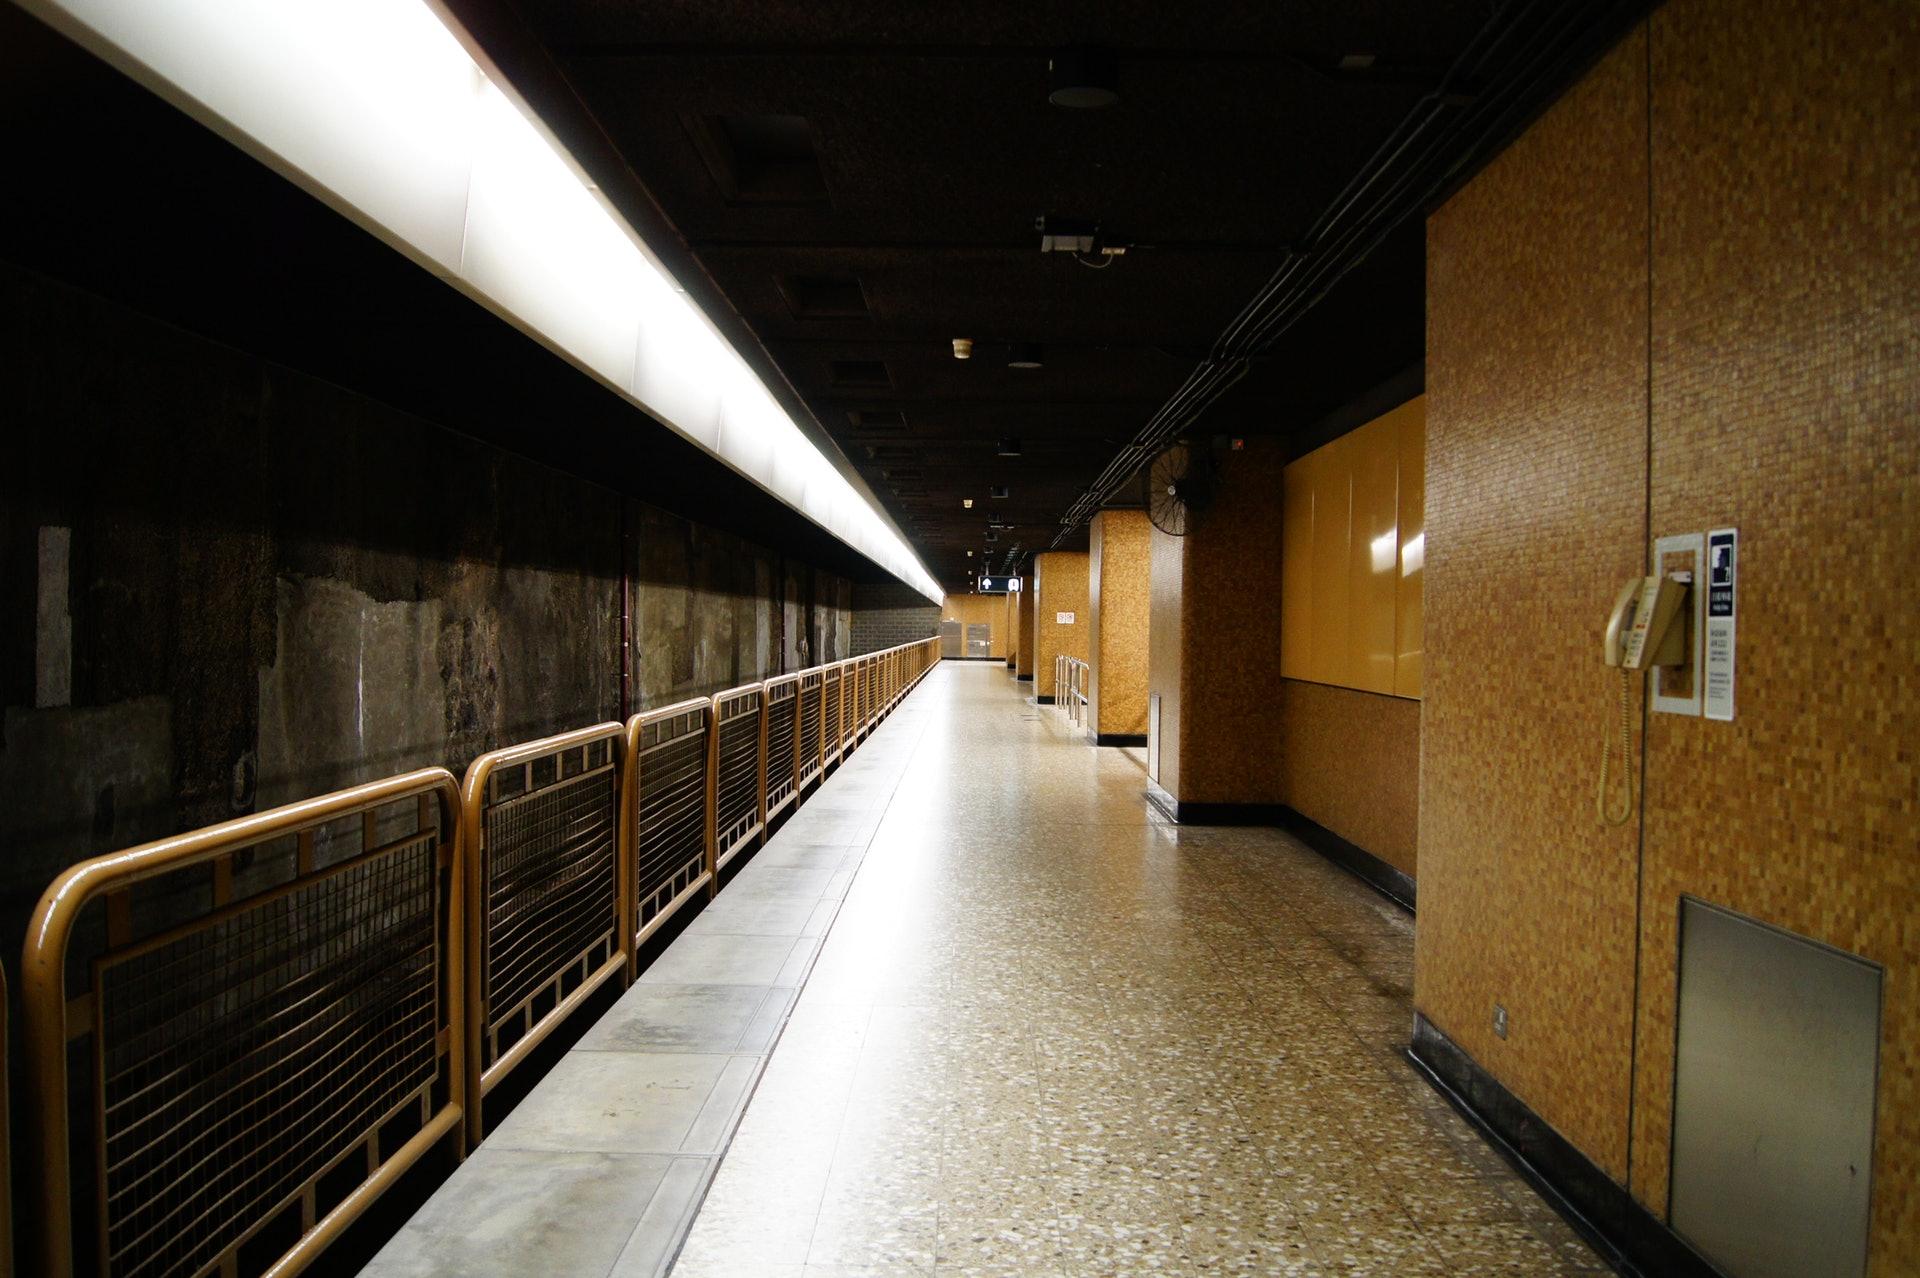 網上流傳多張原來是林士站月台的圖片。(網上圖片)